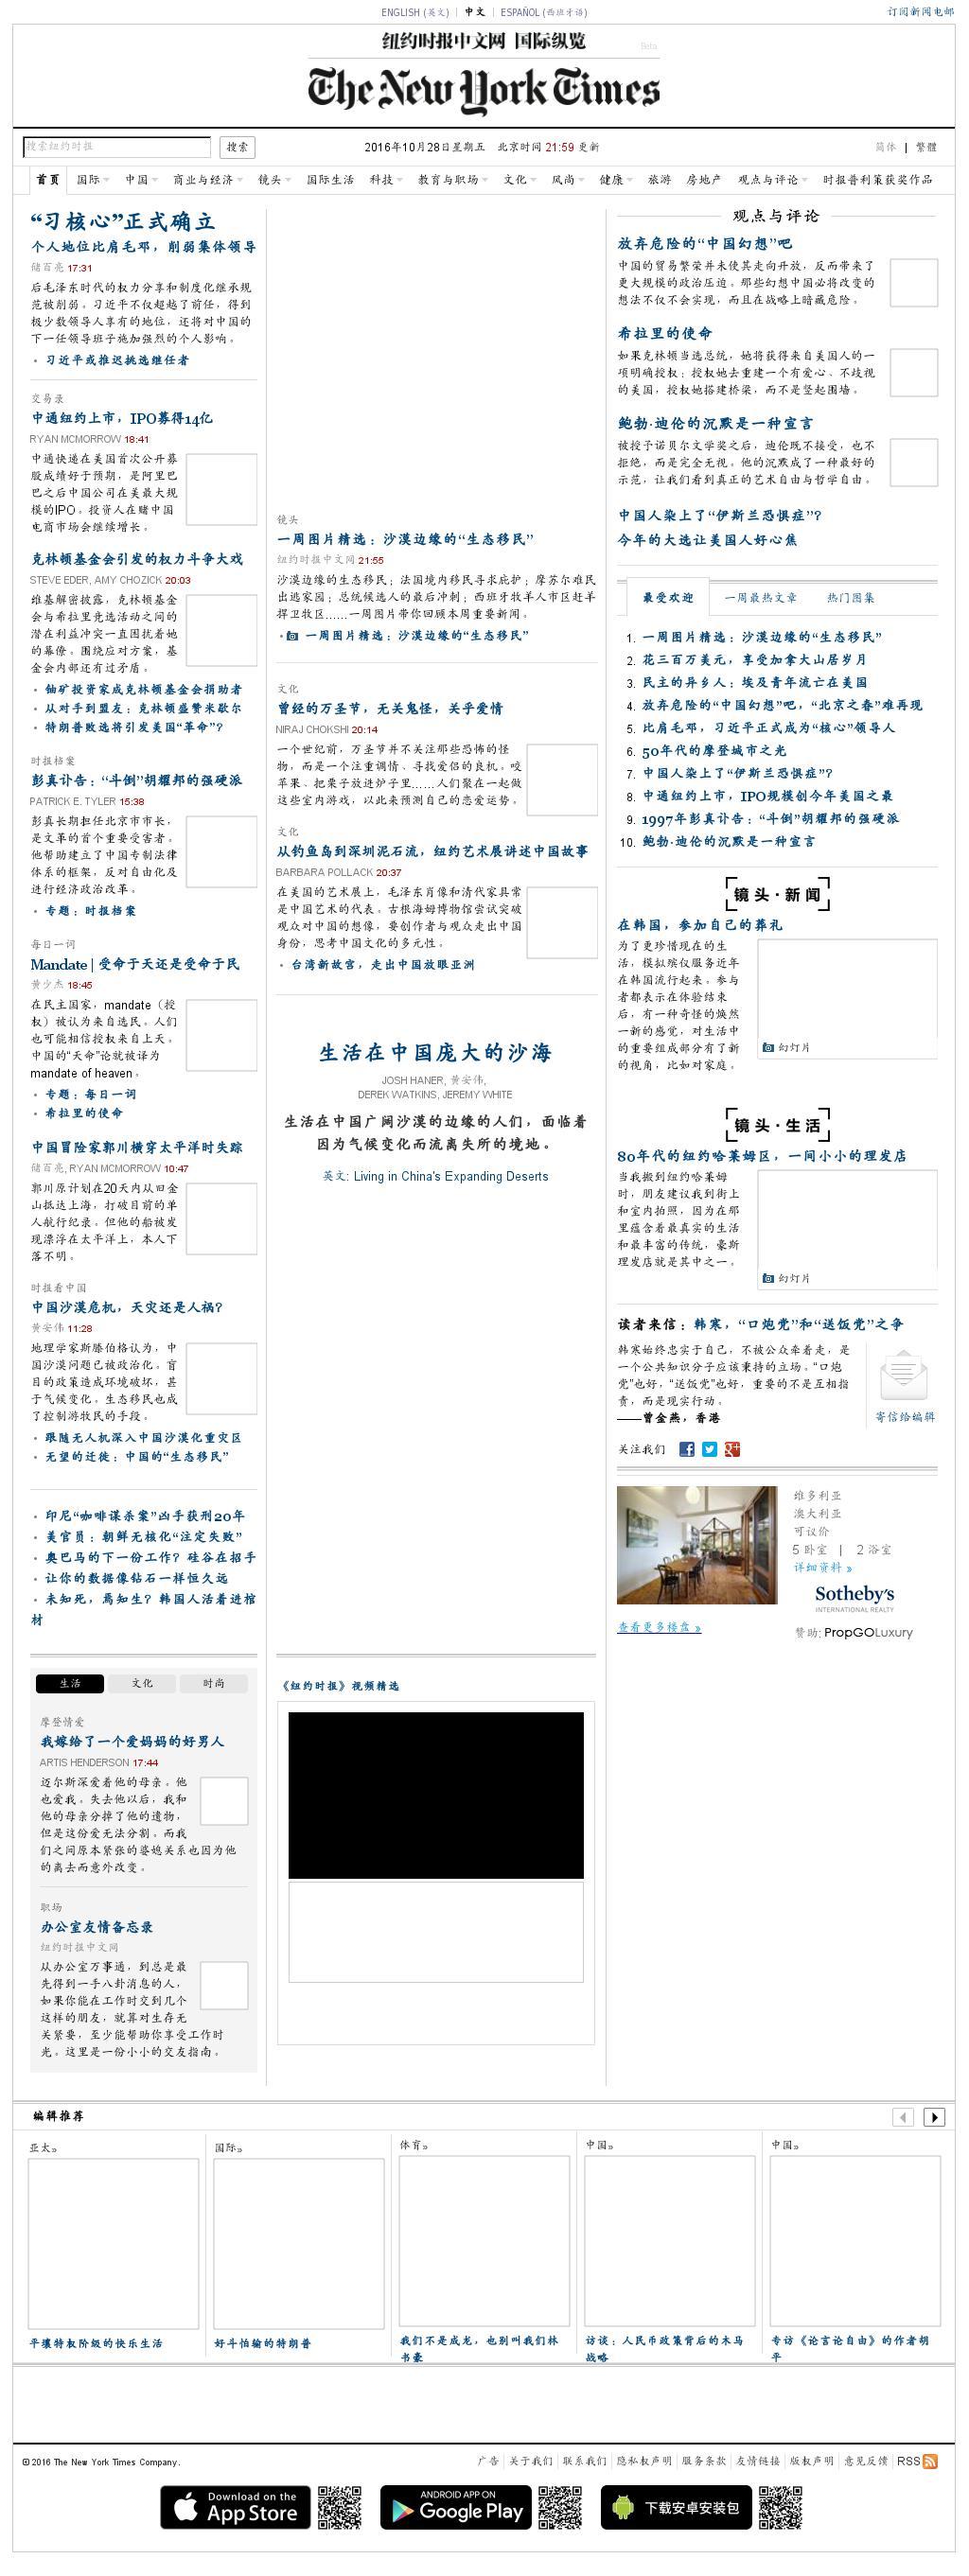 The New York Times (Chinese) at Sunday Oct. 30, 2016, 5:12 p.m. UTC